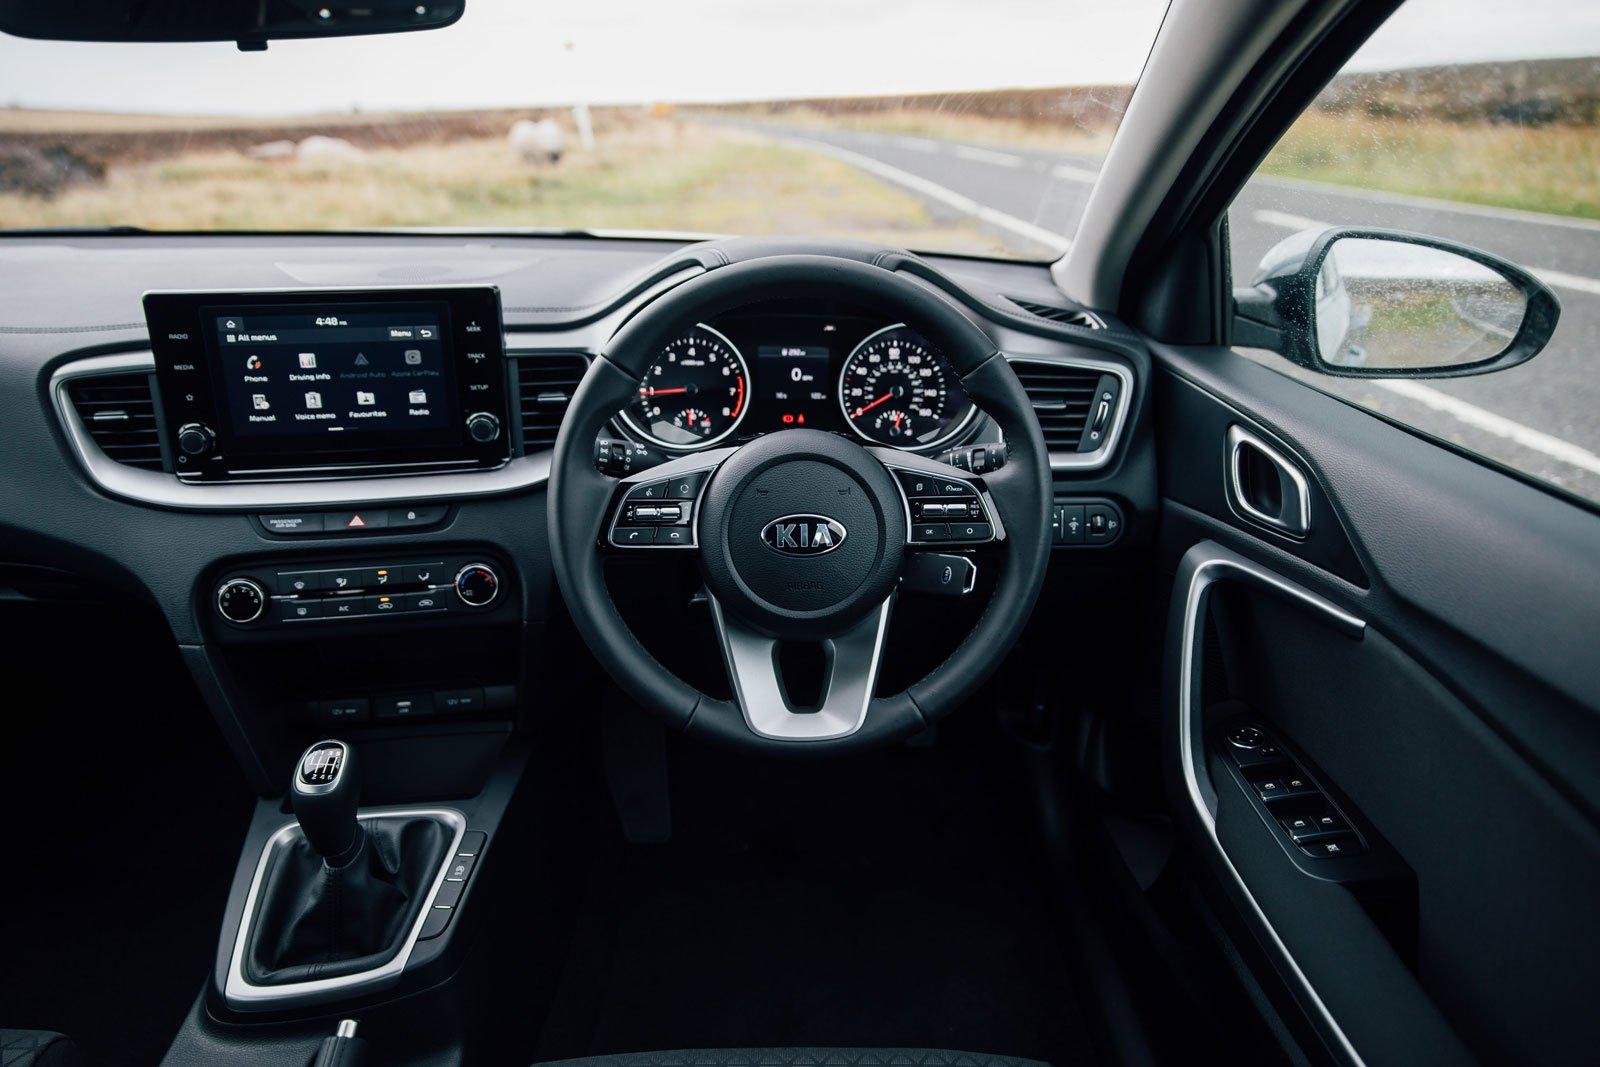 2019 kia xceed 2 interior dashboard